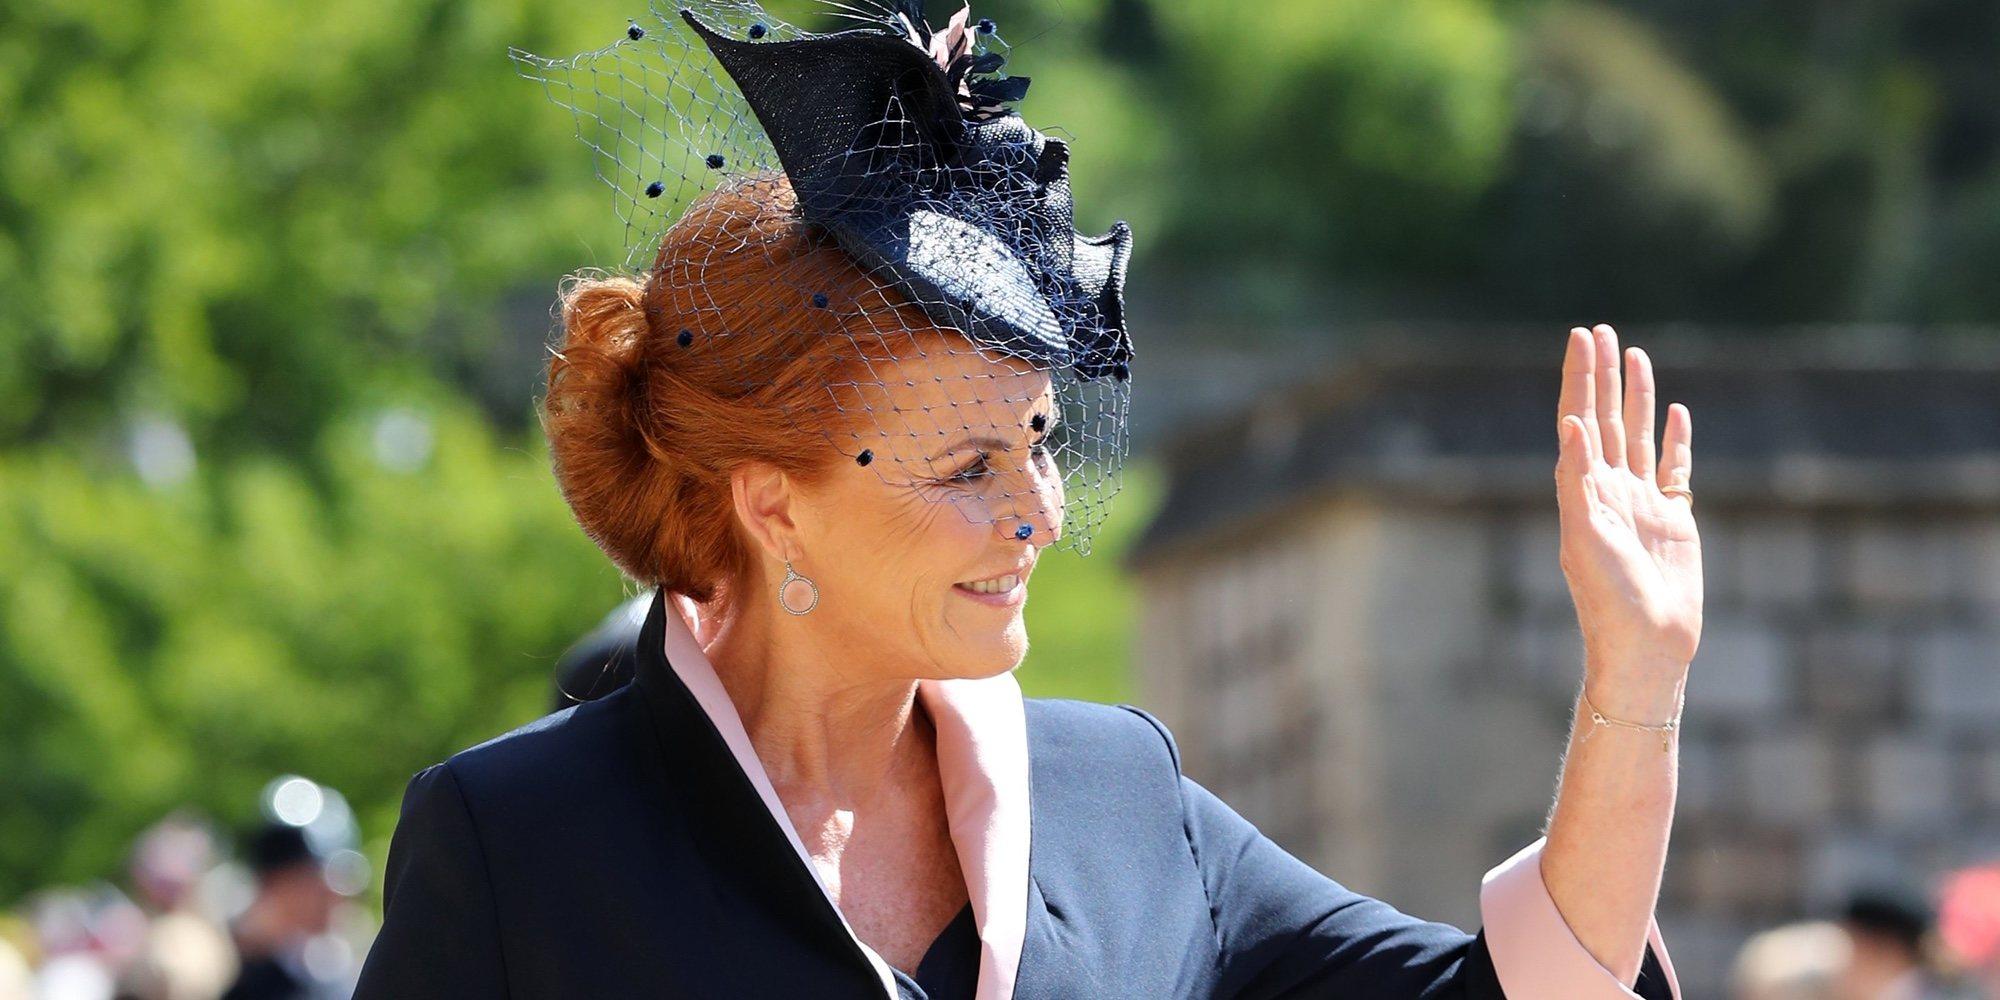 Sarah Ferguson confiesa que vive con el Príncipe Andrés